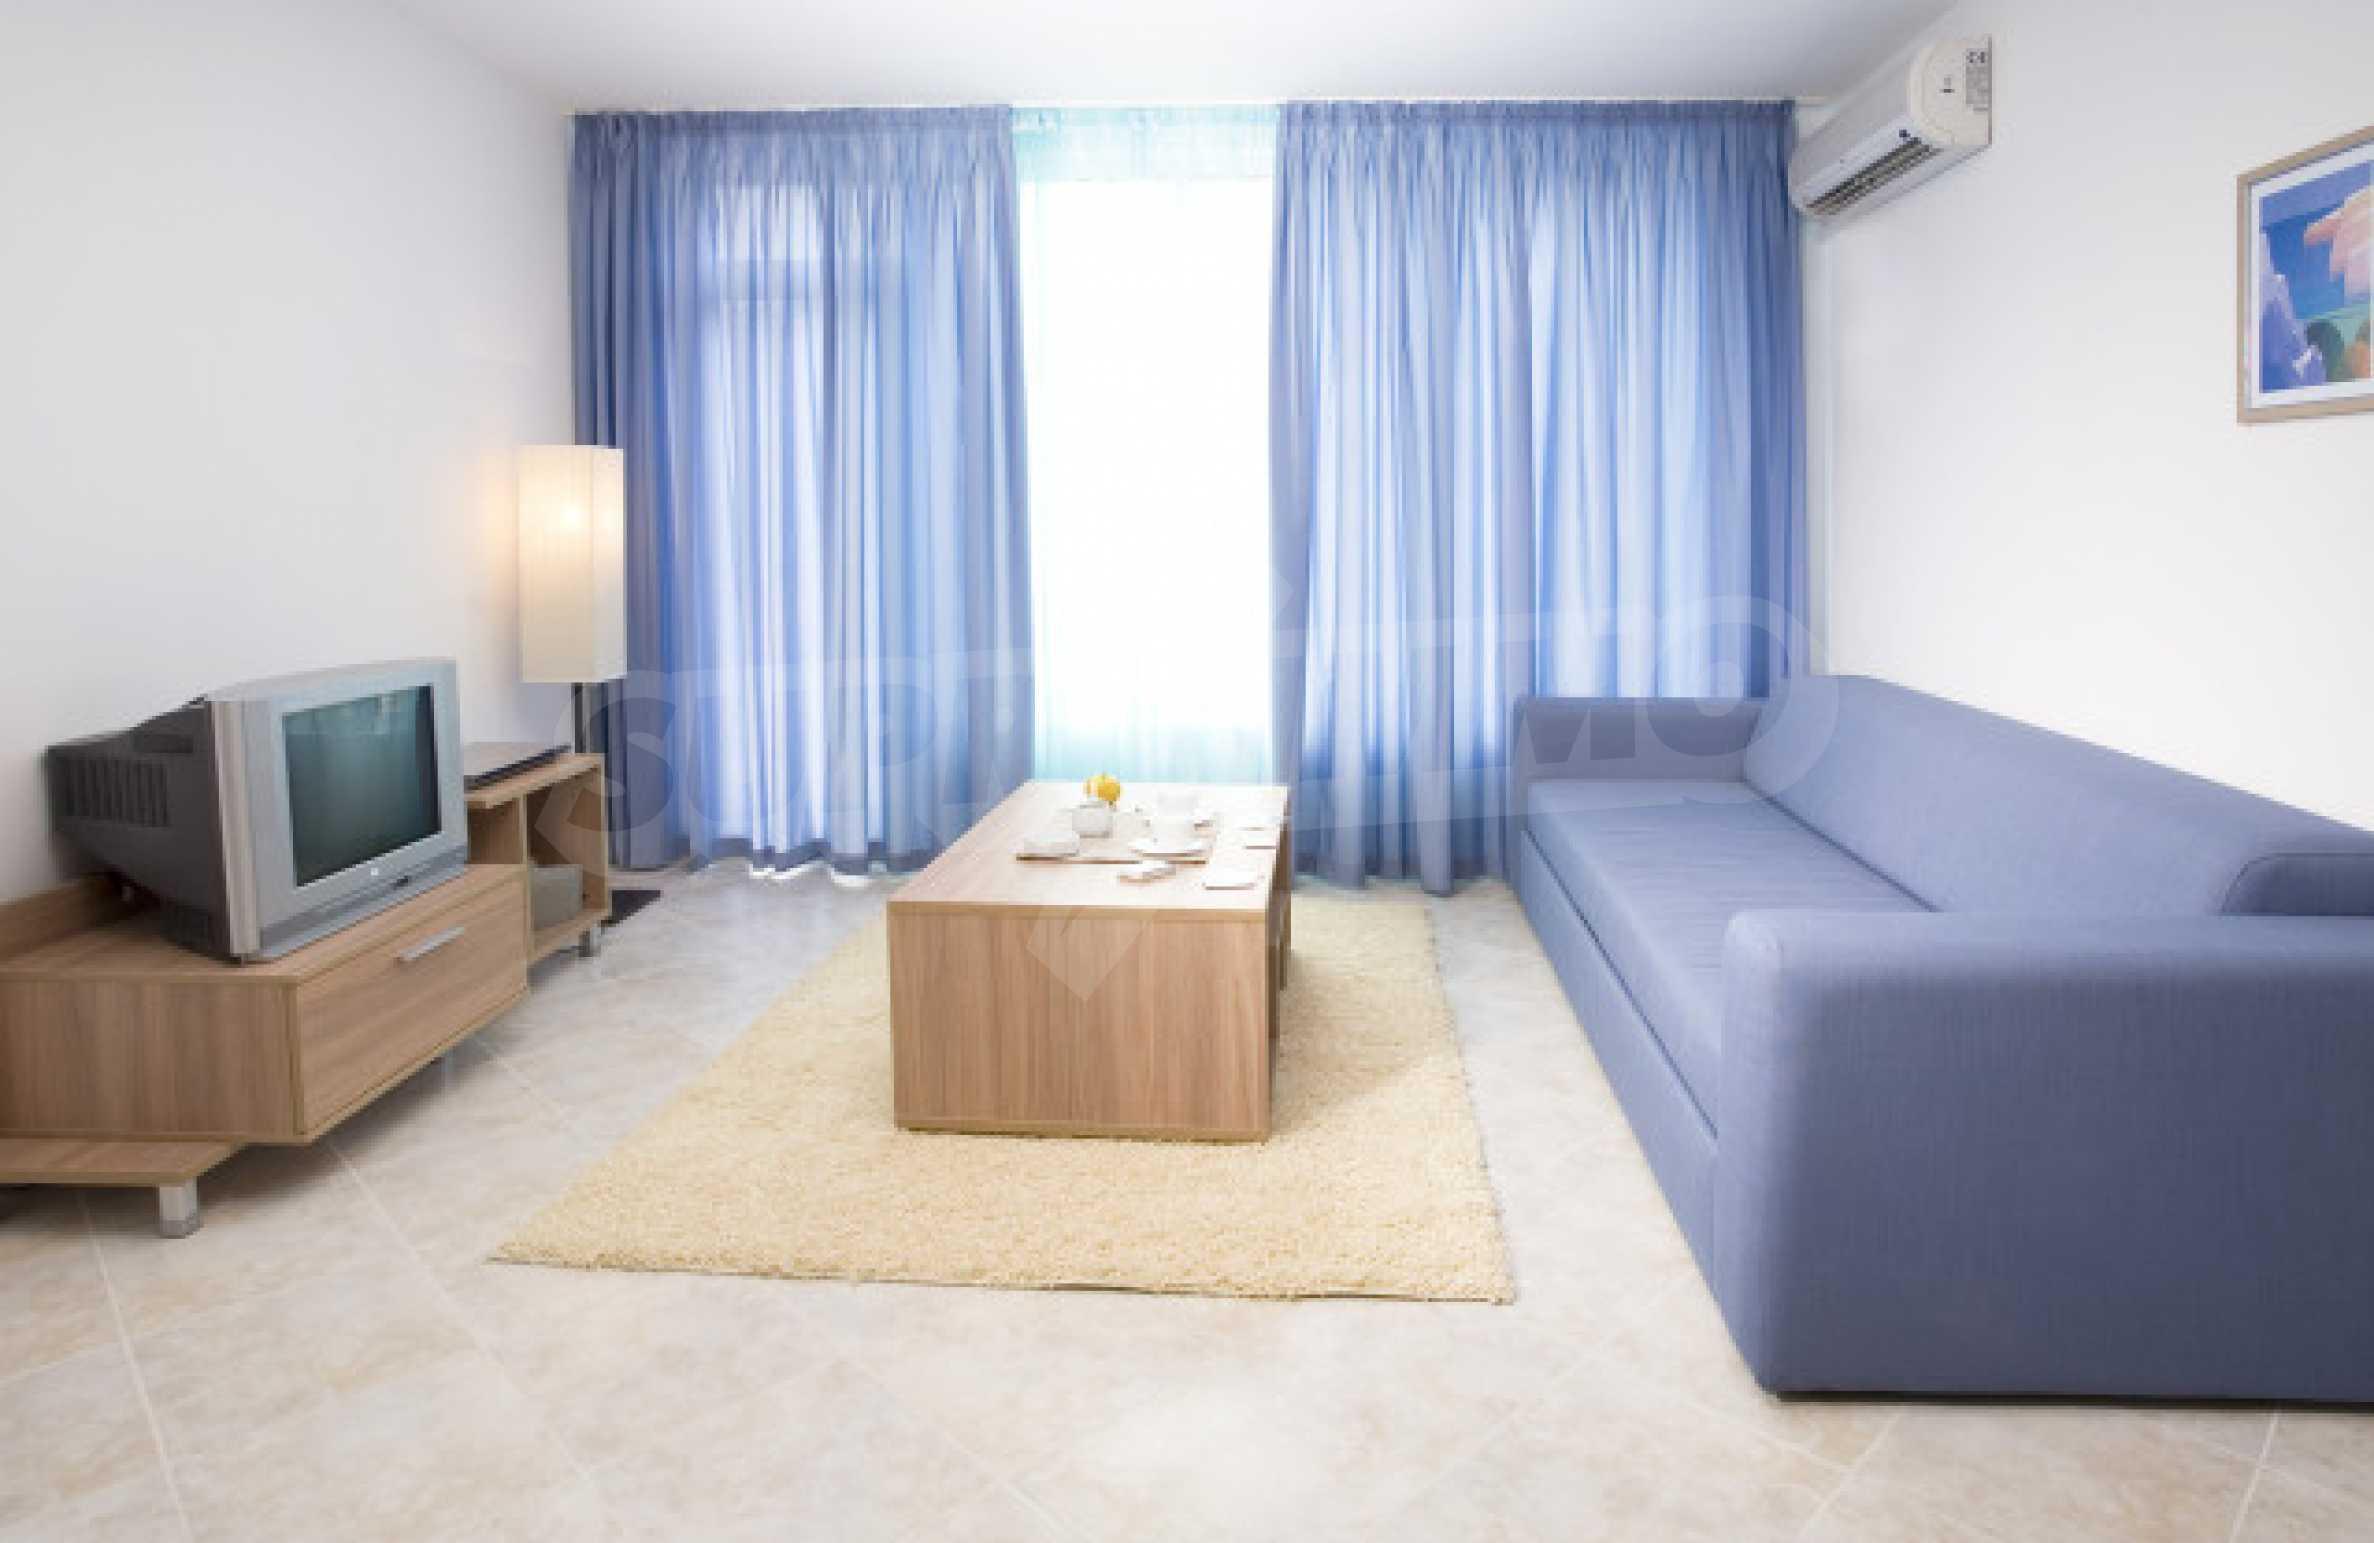 Sunset Kosharitsa - Apartments in einem attraktiven Berg- und Seekomplex, 5 Autominuten vom Sonnenstrand entfernt 55